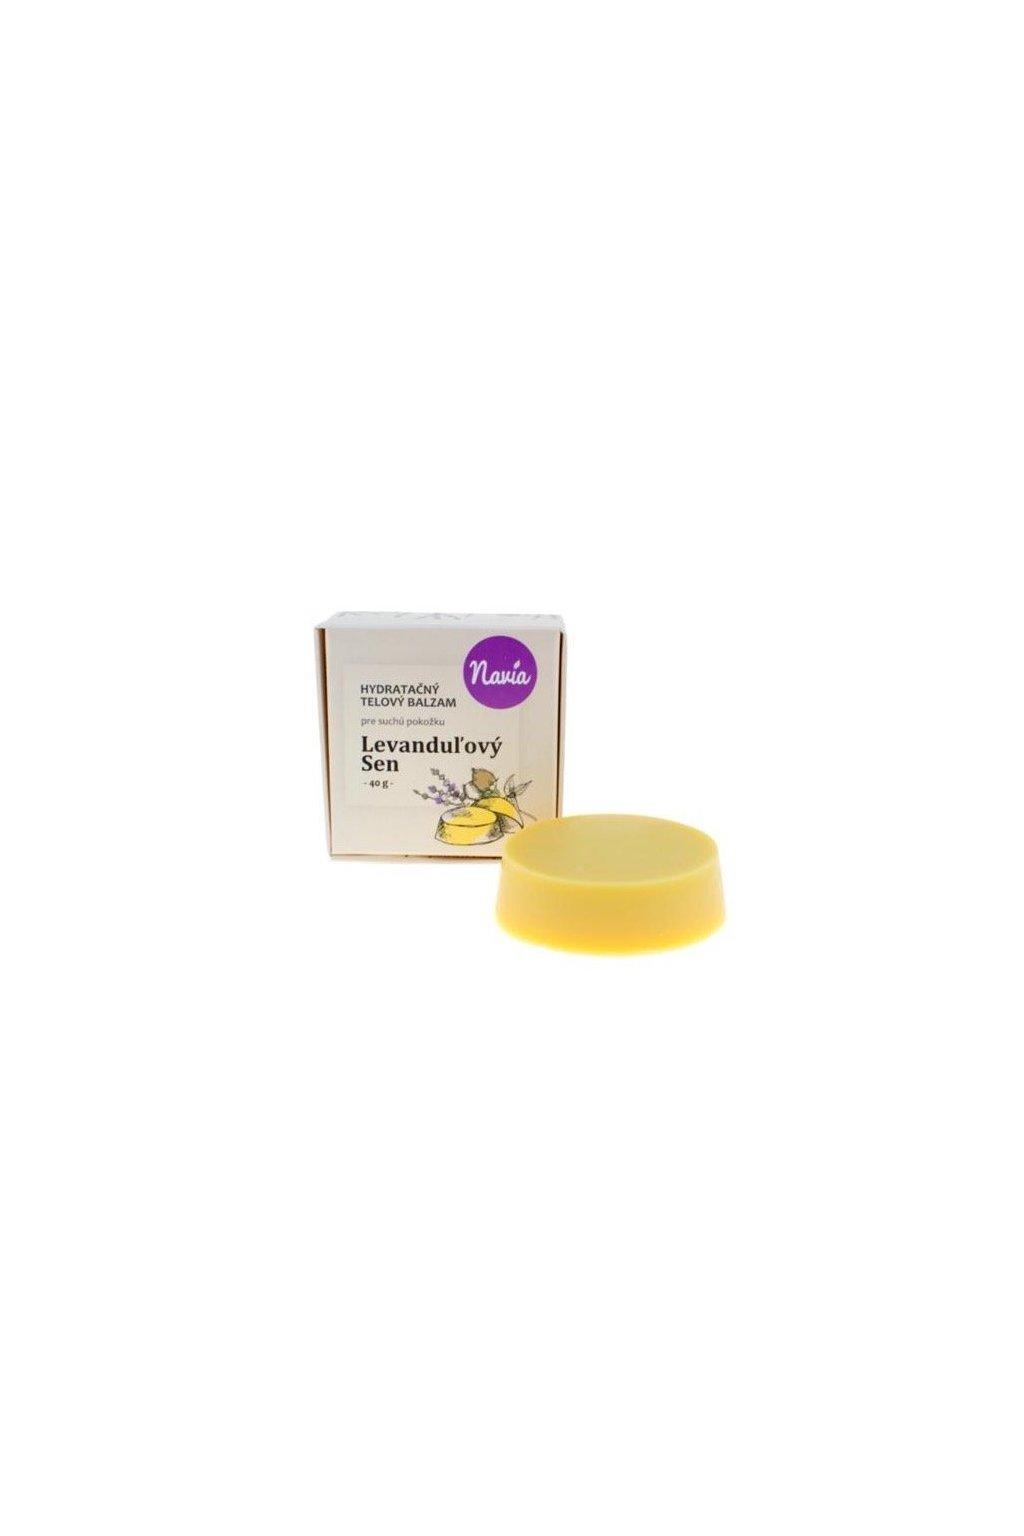 Kvitok Hydratačný telový balzam Levanduľový sen BIO (40 g)